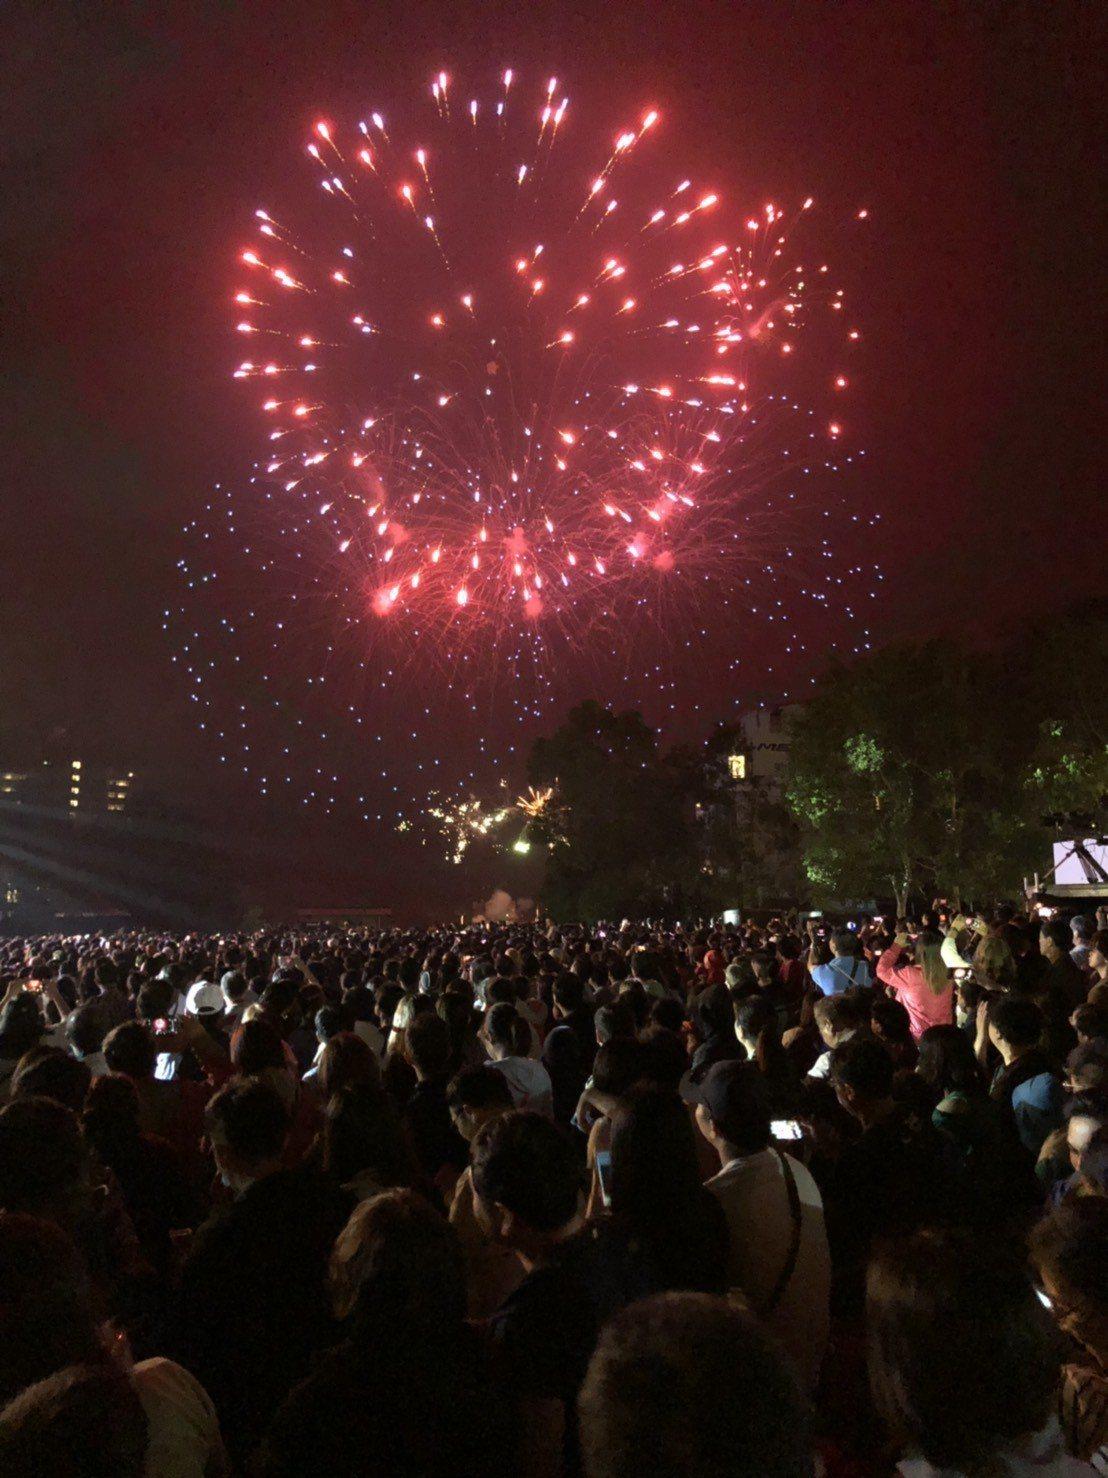 日月潭花火音樂會今晚吸引超過兩萬名樂迷到場聆聽,精彩的歌舞劇表演和絢爛的煙火秀,...